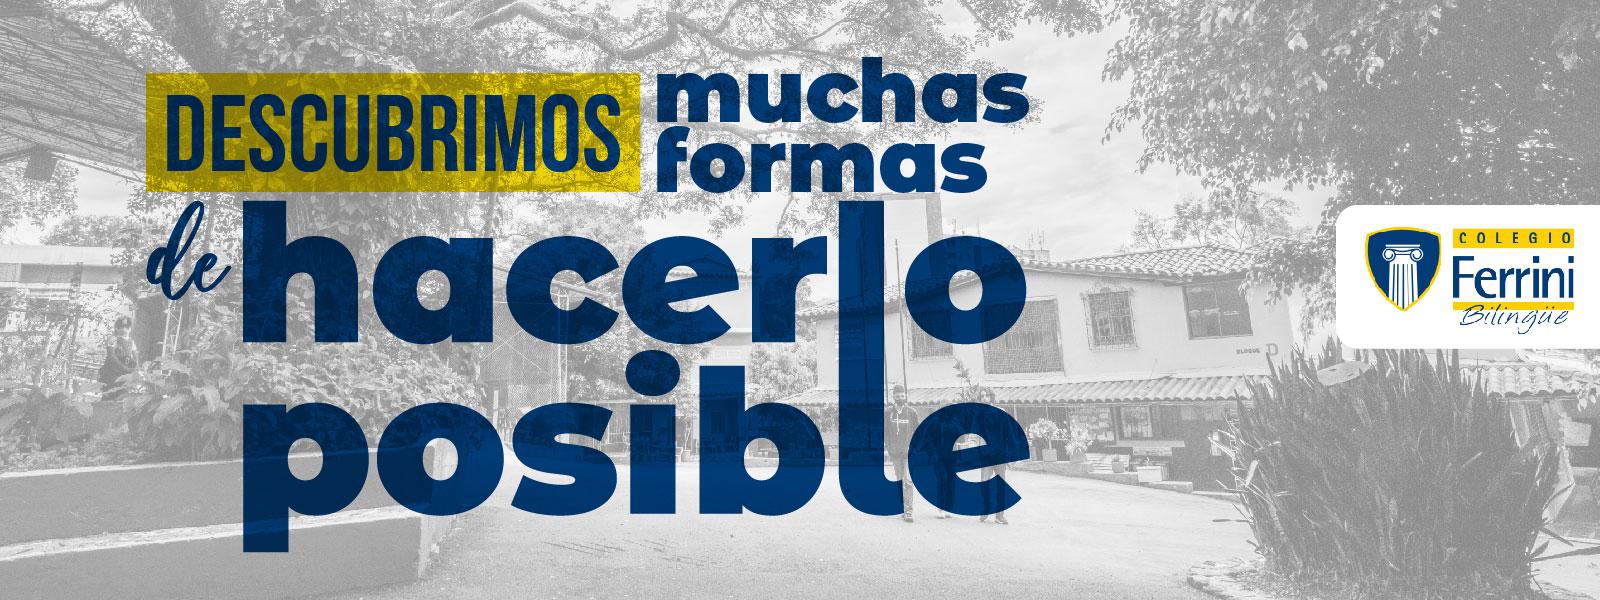 Colegio Ferrini bilingüe  Inscripciones suspension Clases